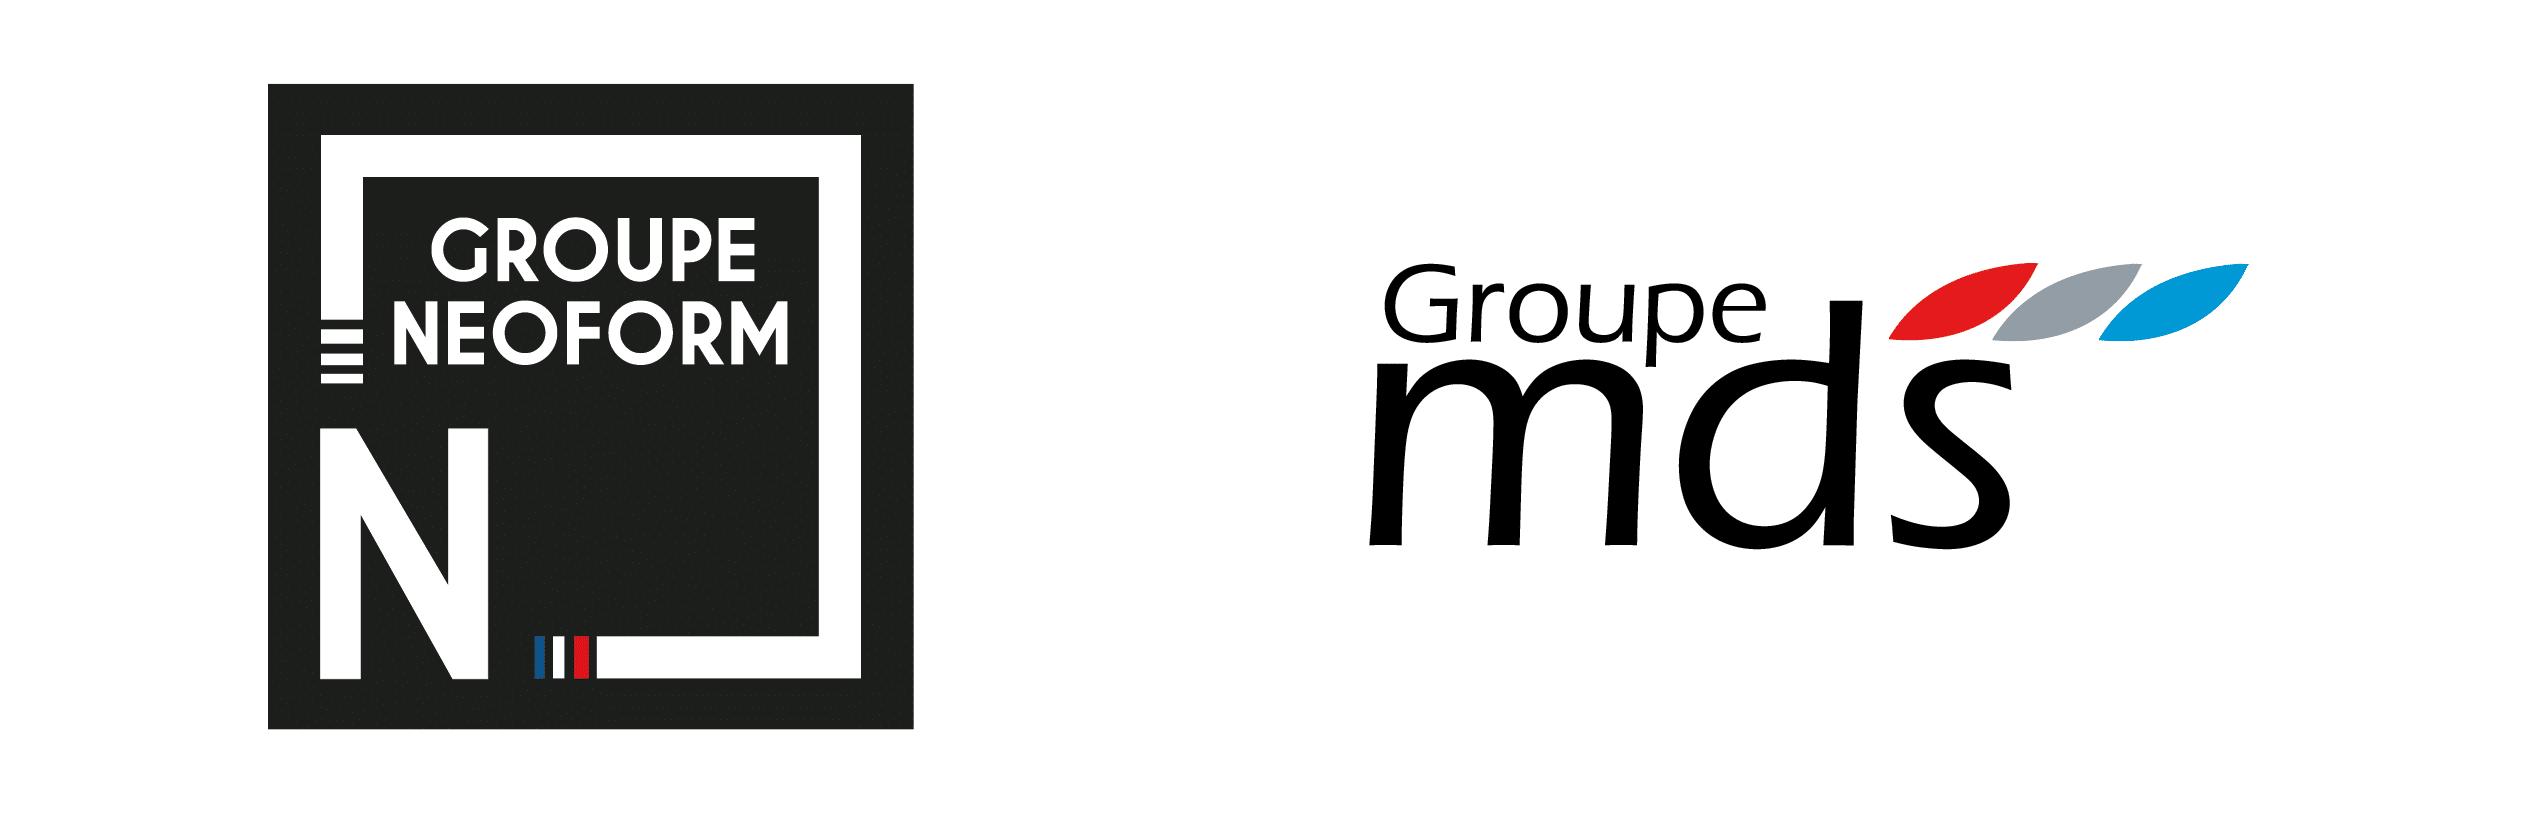 GROUPE NEOFORM / GRO